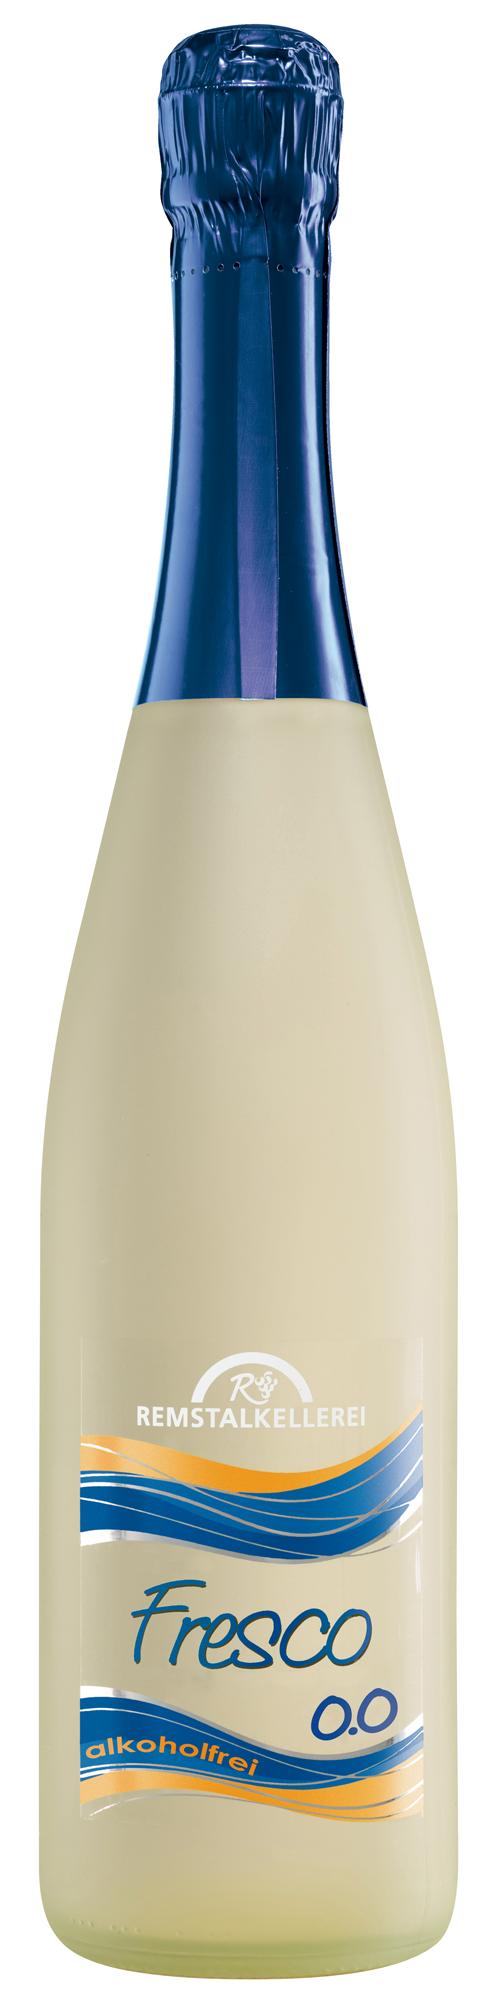 Fresco 0.0 alkoholfrei